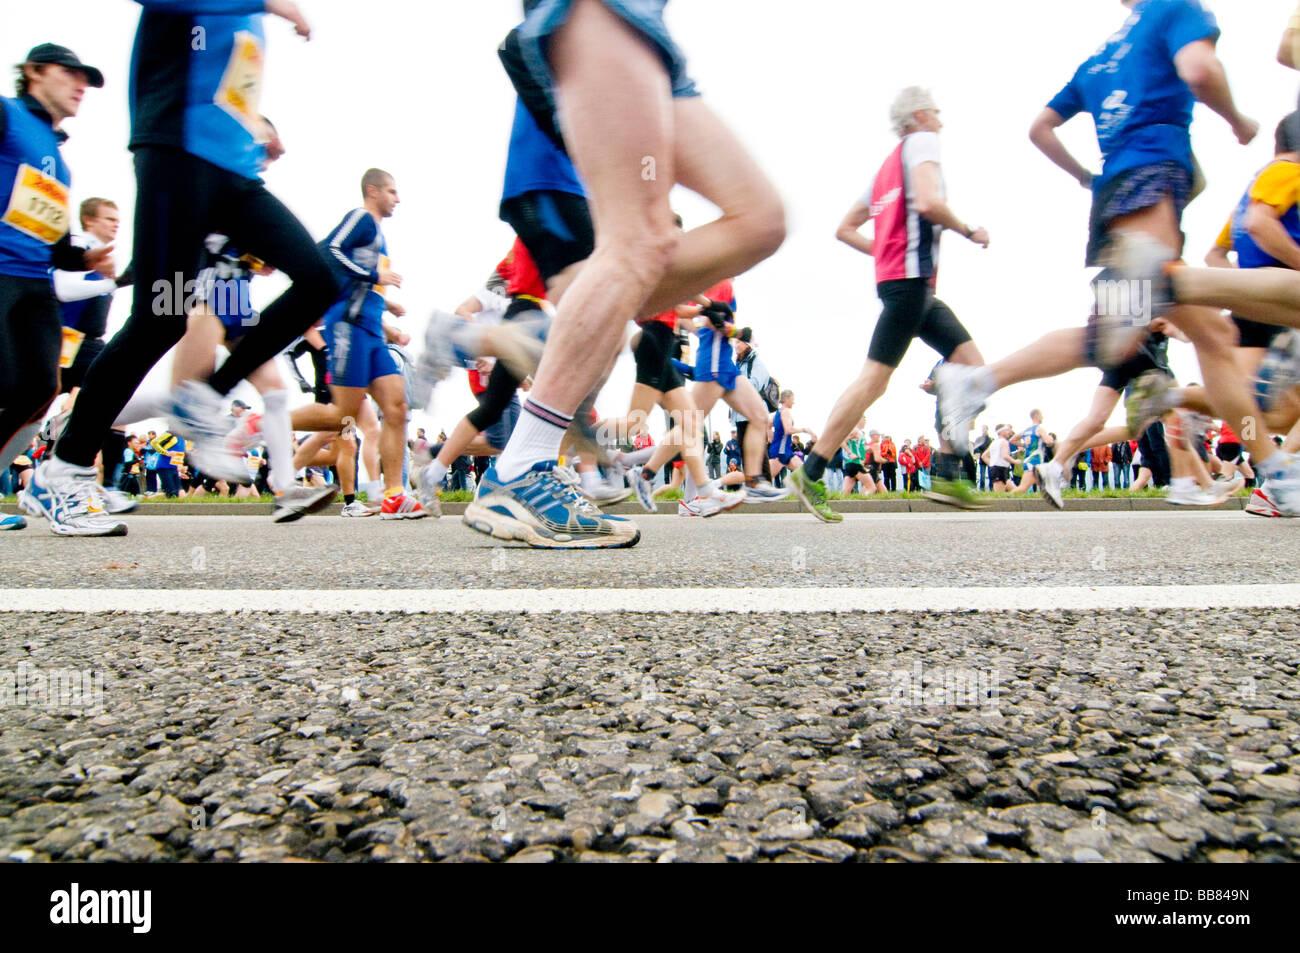 Corridori della maratona con street e movimento sfocato Foto Stock